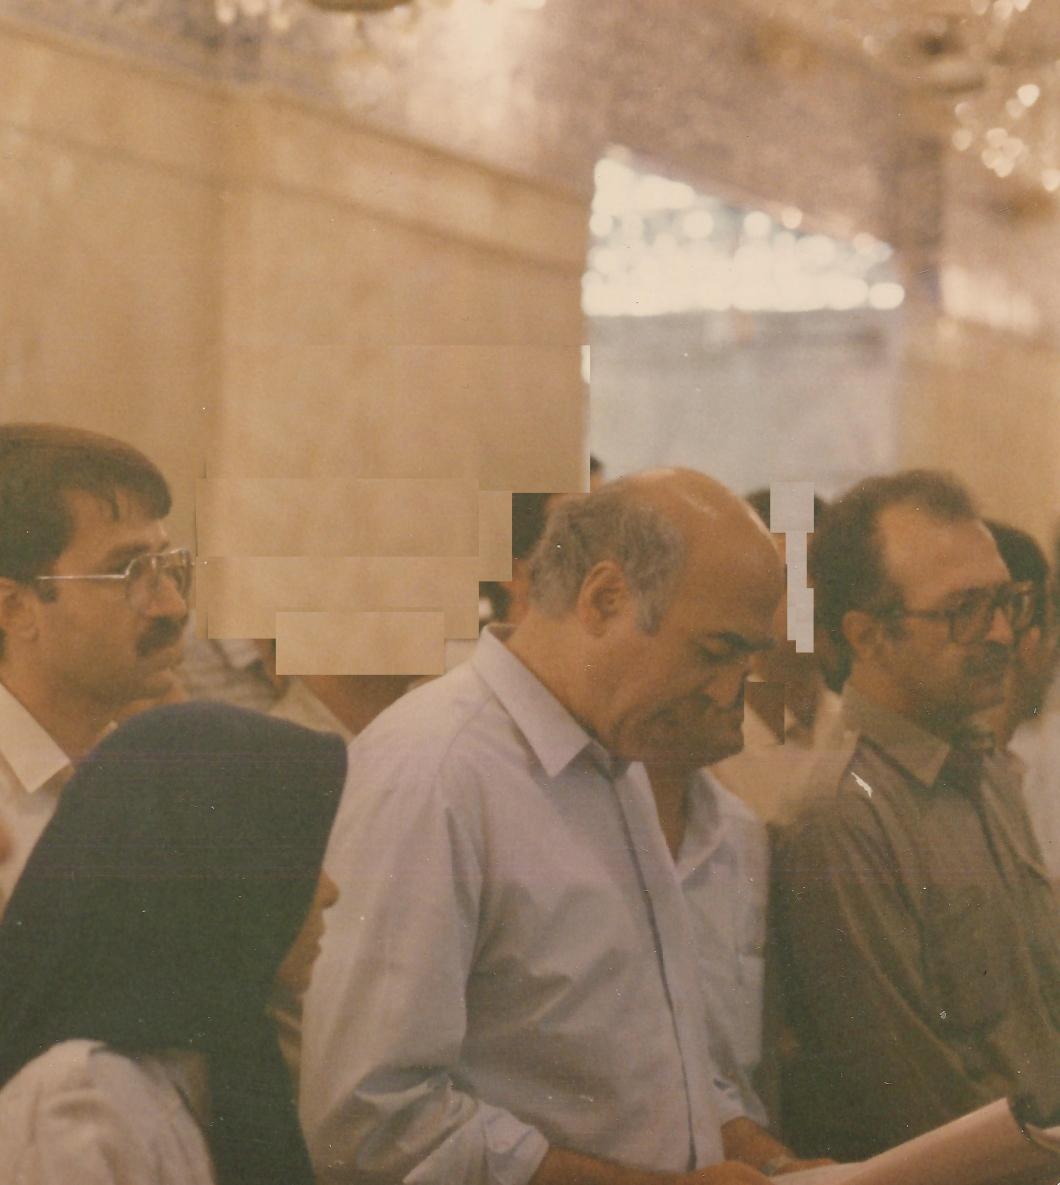 نجف اشرف 1369-از چپ به راست: بيژن ميرزايي، عباس داوري و محمد اقبال